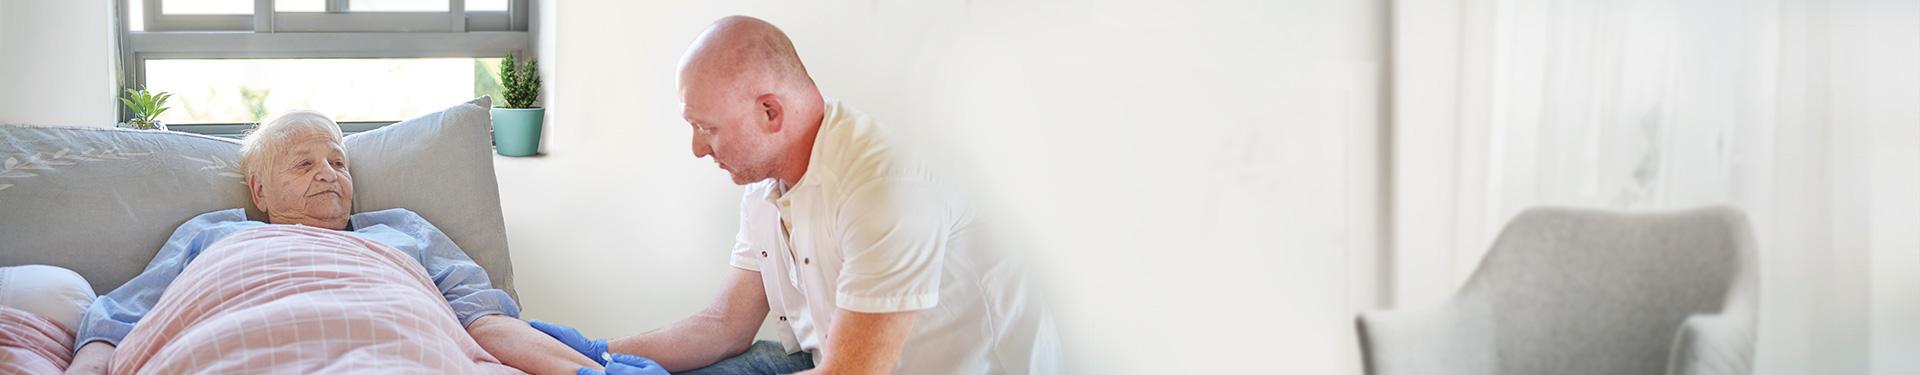 כיצד מתנהל הטיפול בהוספיס בית?